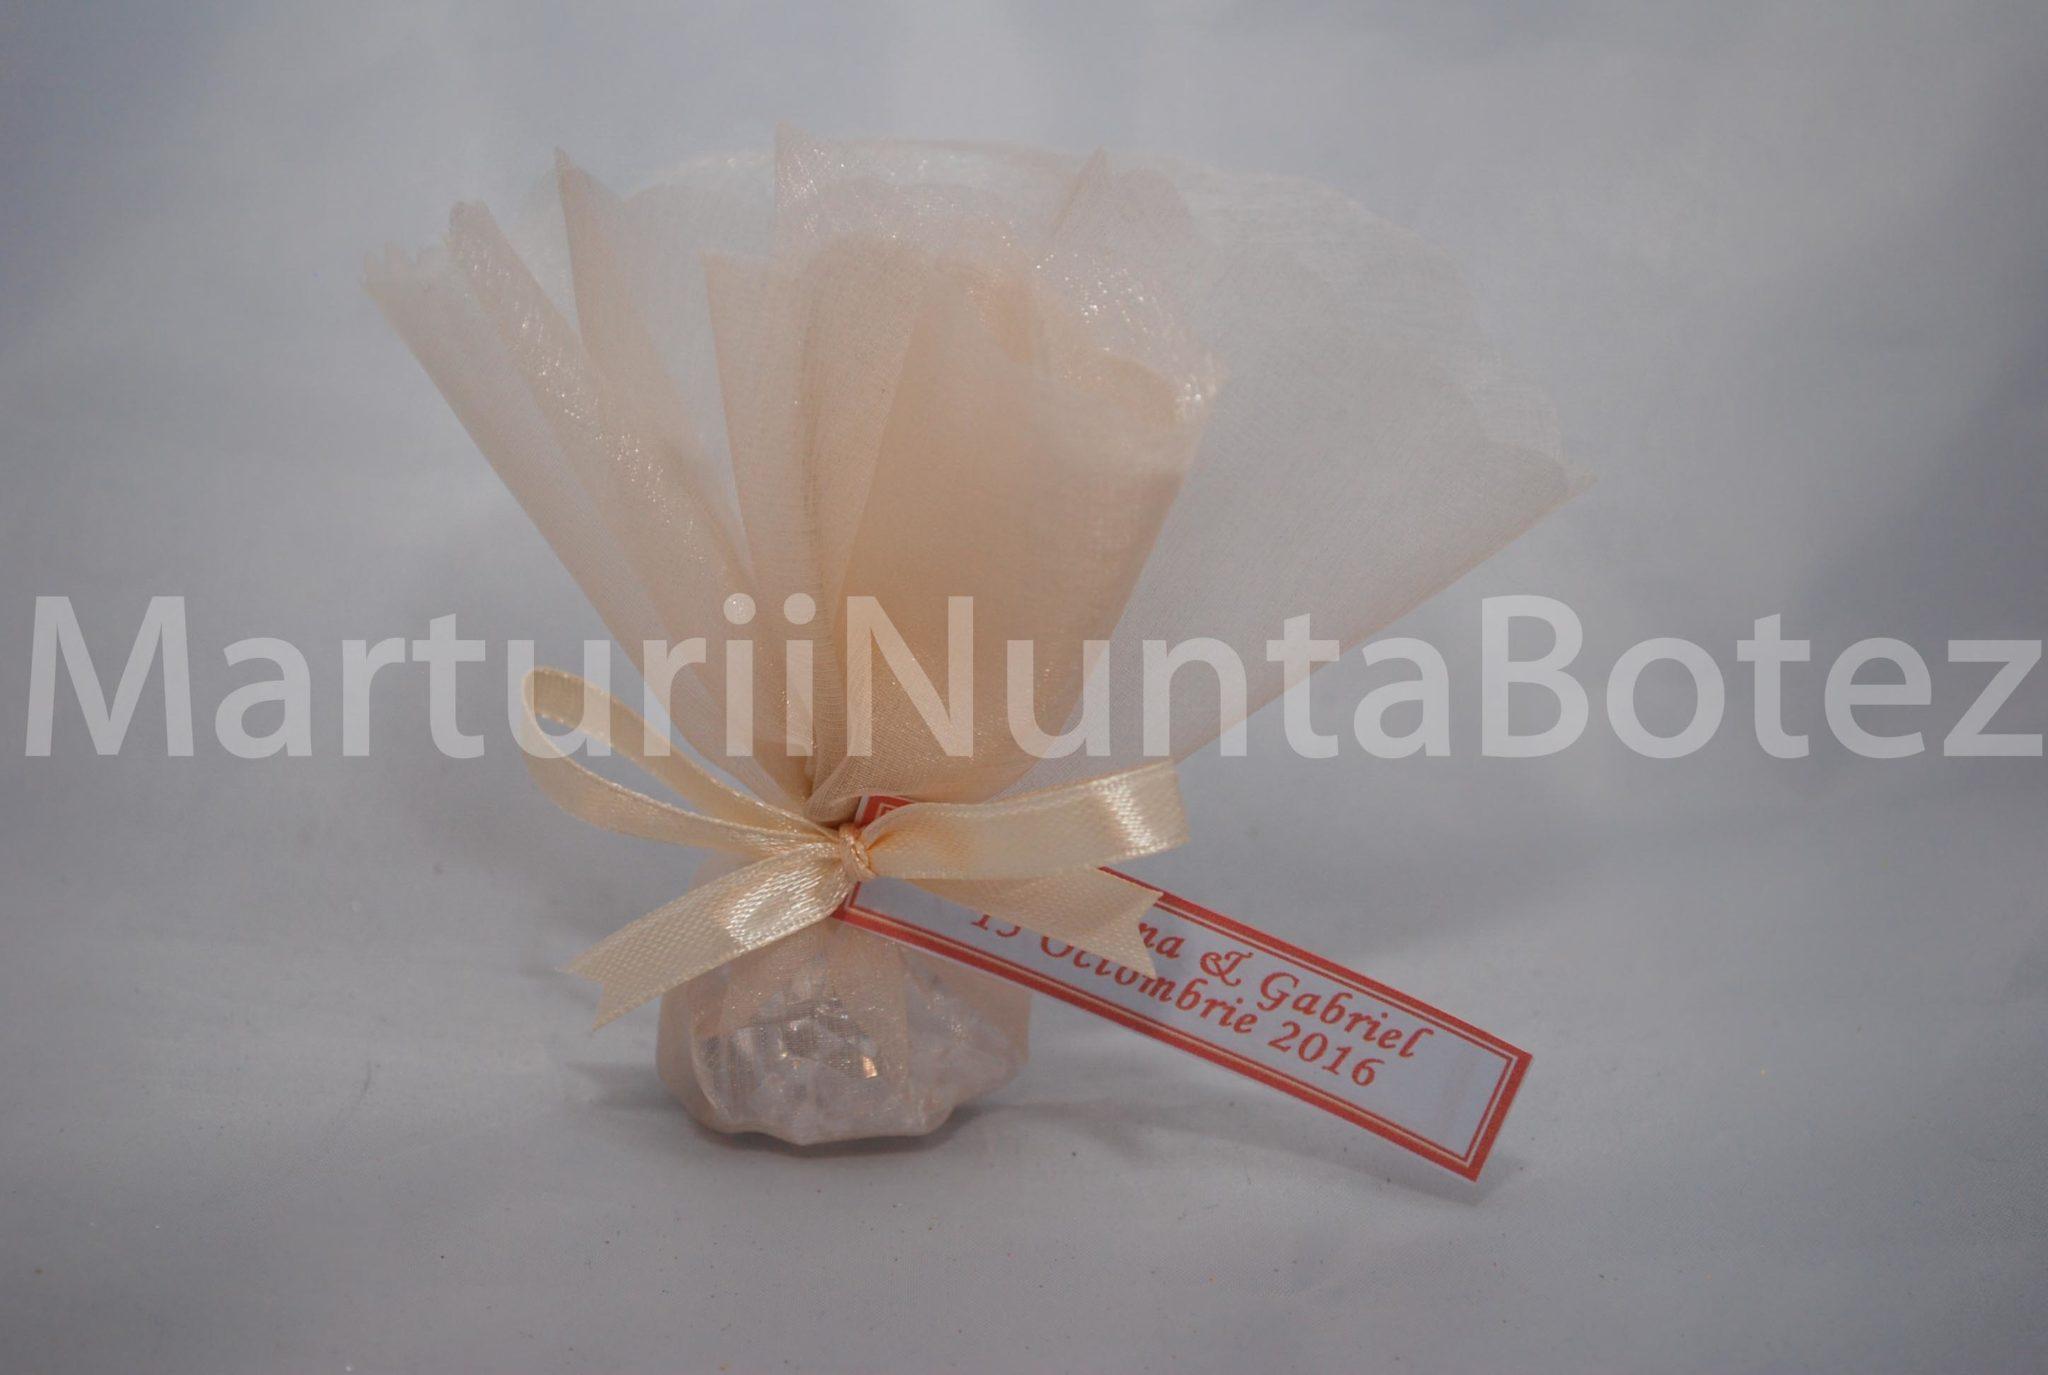 marturii_nunta_marturie_botez_discheta_cu_arahide_sau_pietre_decorative_ieftin8